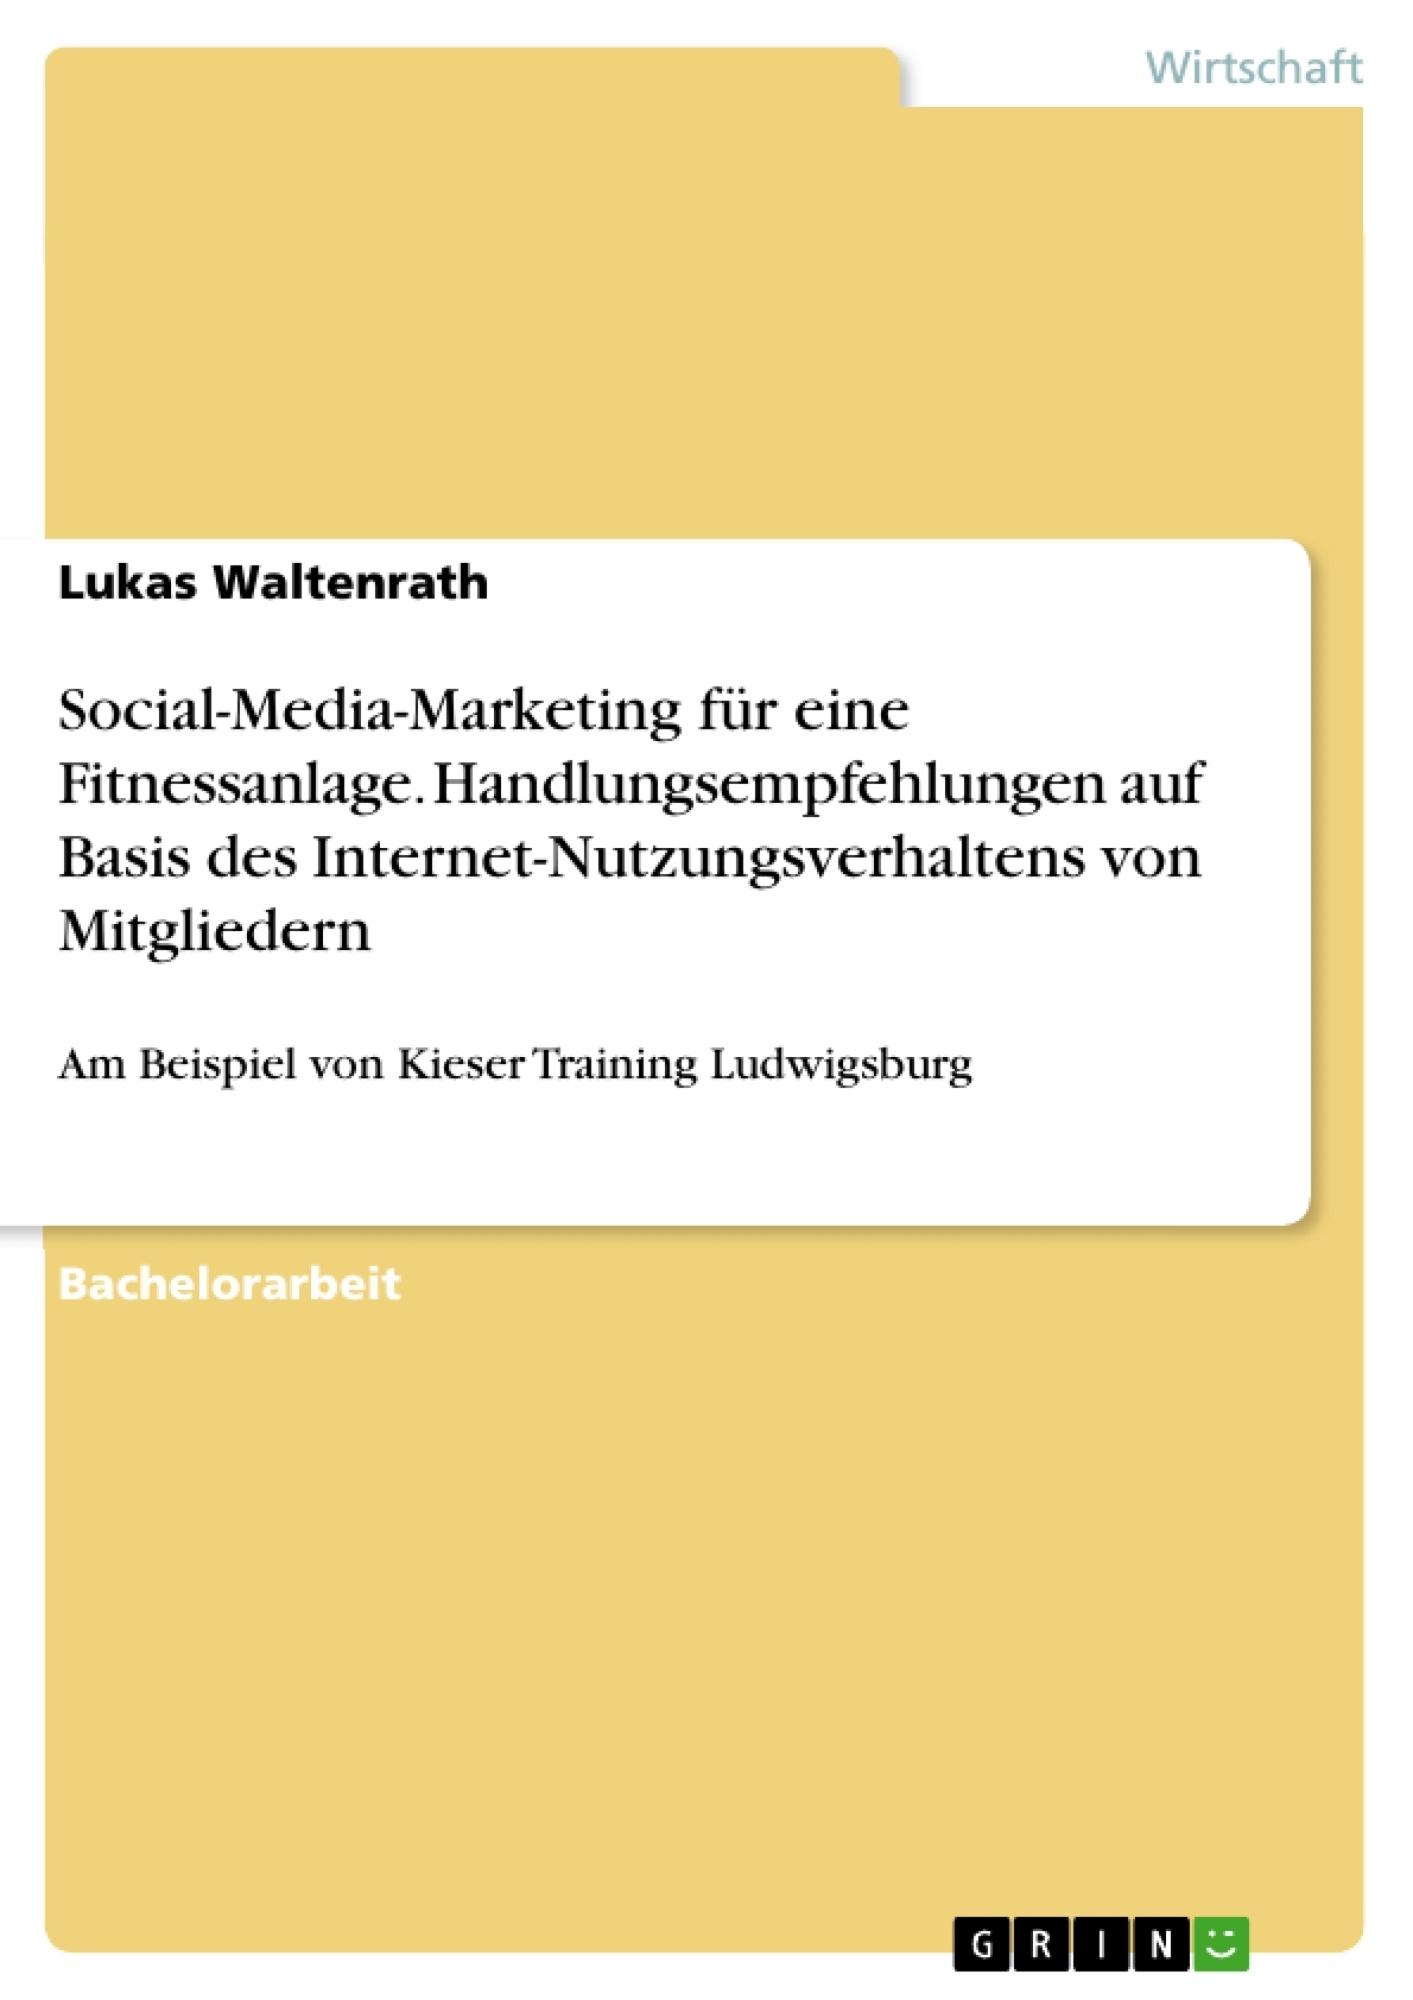 Titel: Social-Media-Marketing für eine Fitnessanlage. Handlungsempfehlungen auf Basis des Internet-Nutzungsverhaltens von Mitgliedern